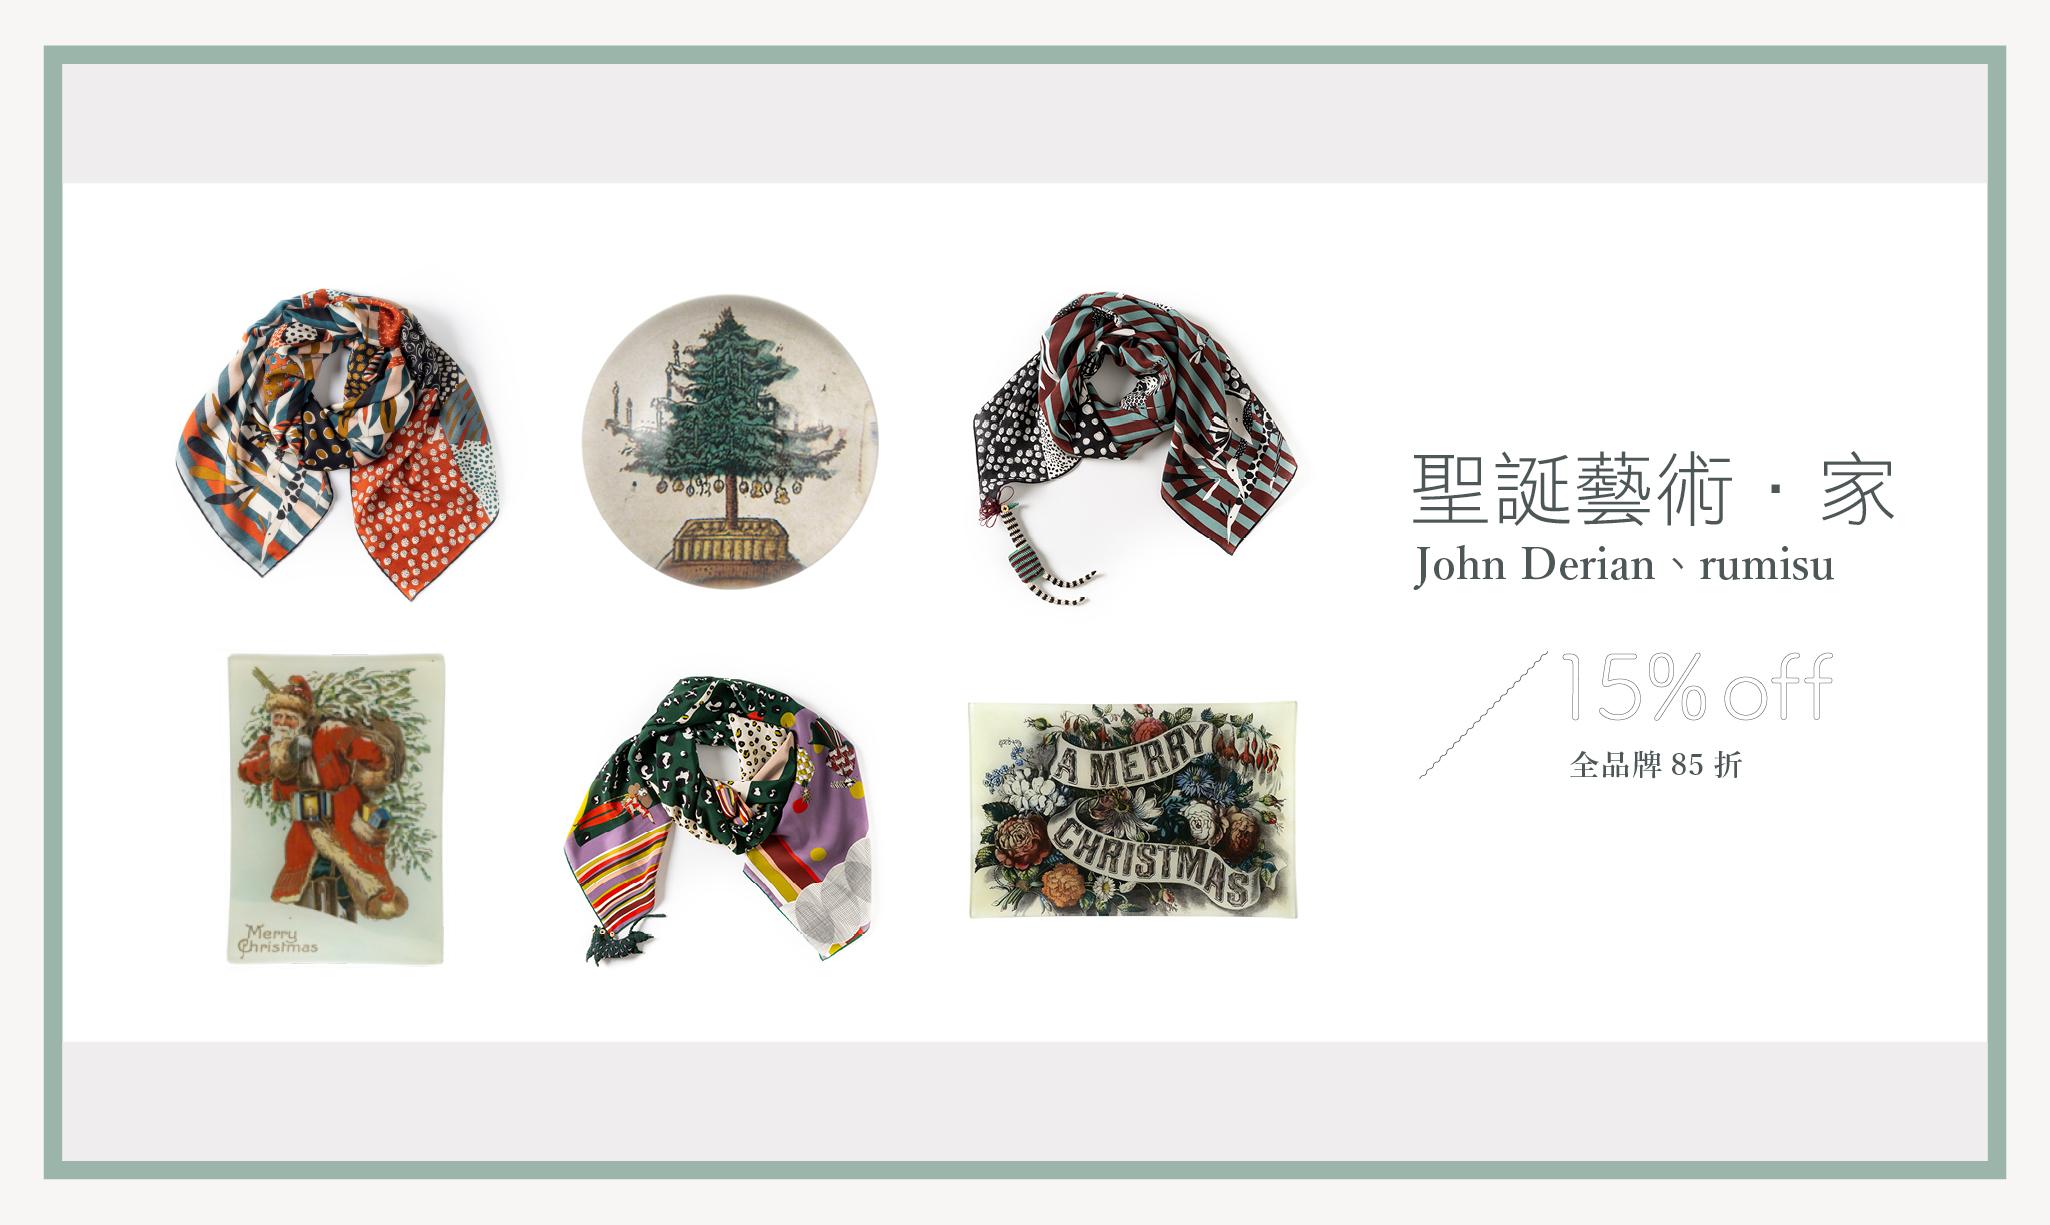 樂商號-週年慶-聖誕節-優惠活動- 藝術